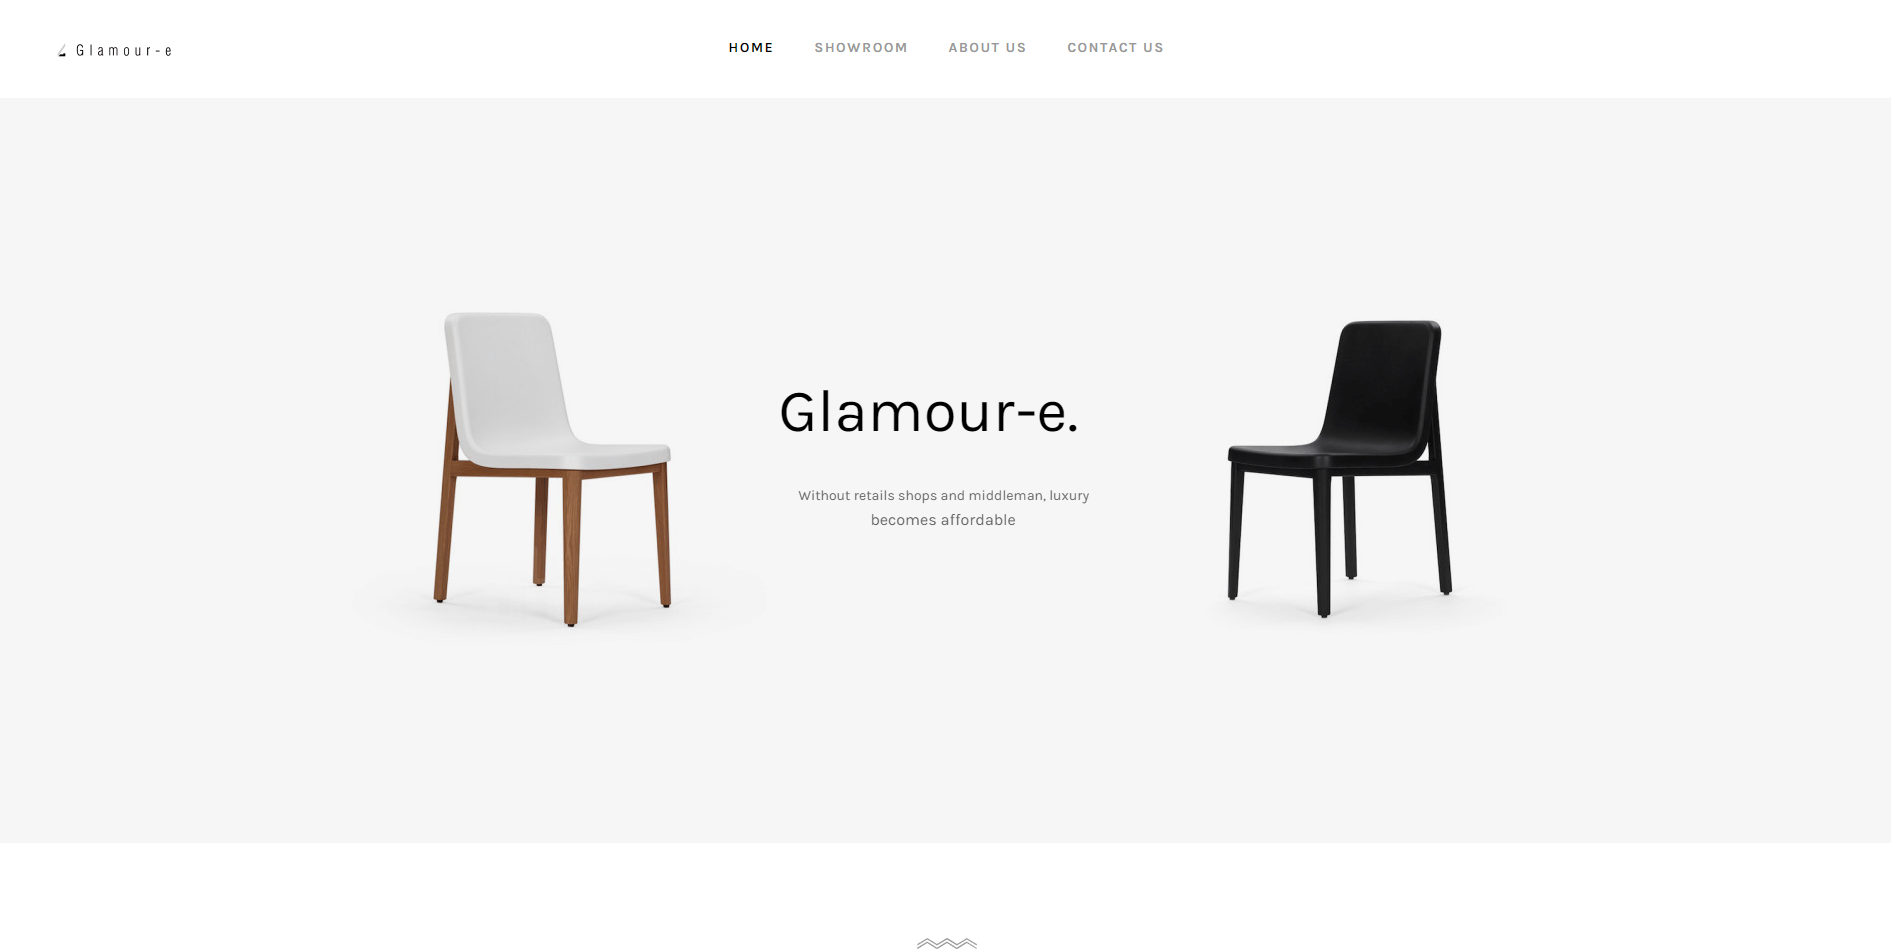 英國手工傢具零售商Glamour-e為保留後續電商功能延展性,使用Magento為後台系統開發電子產品目錄。